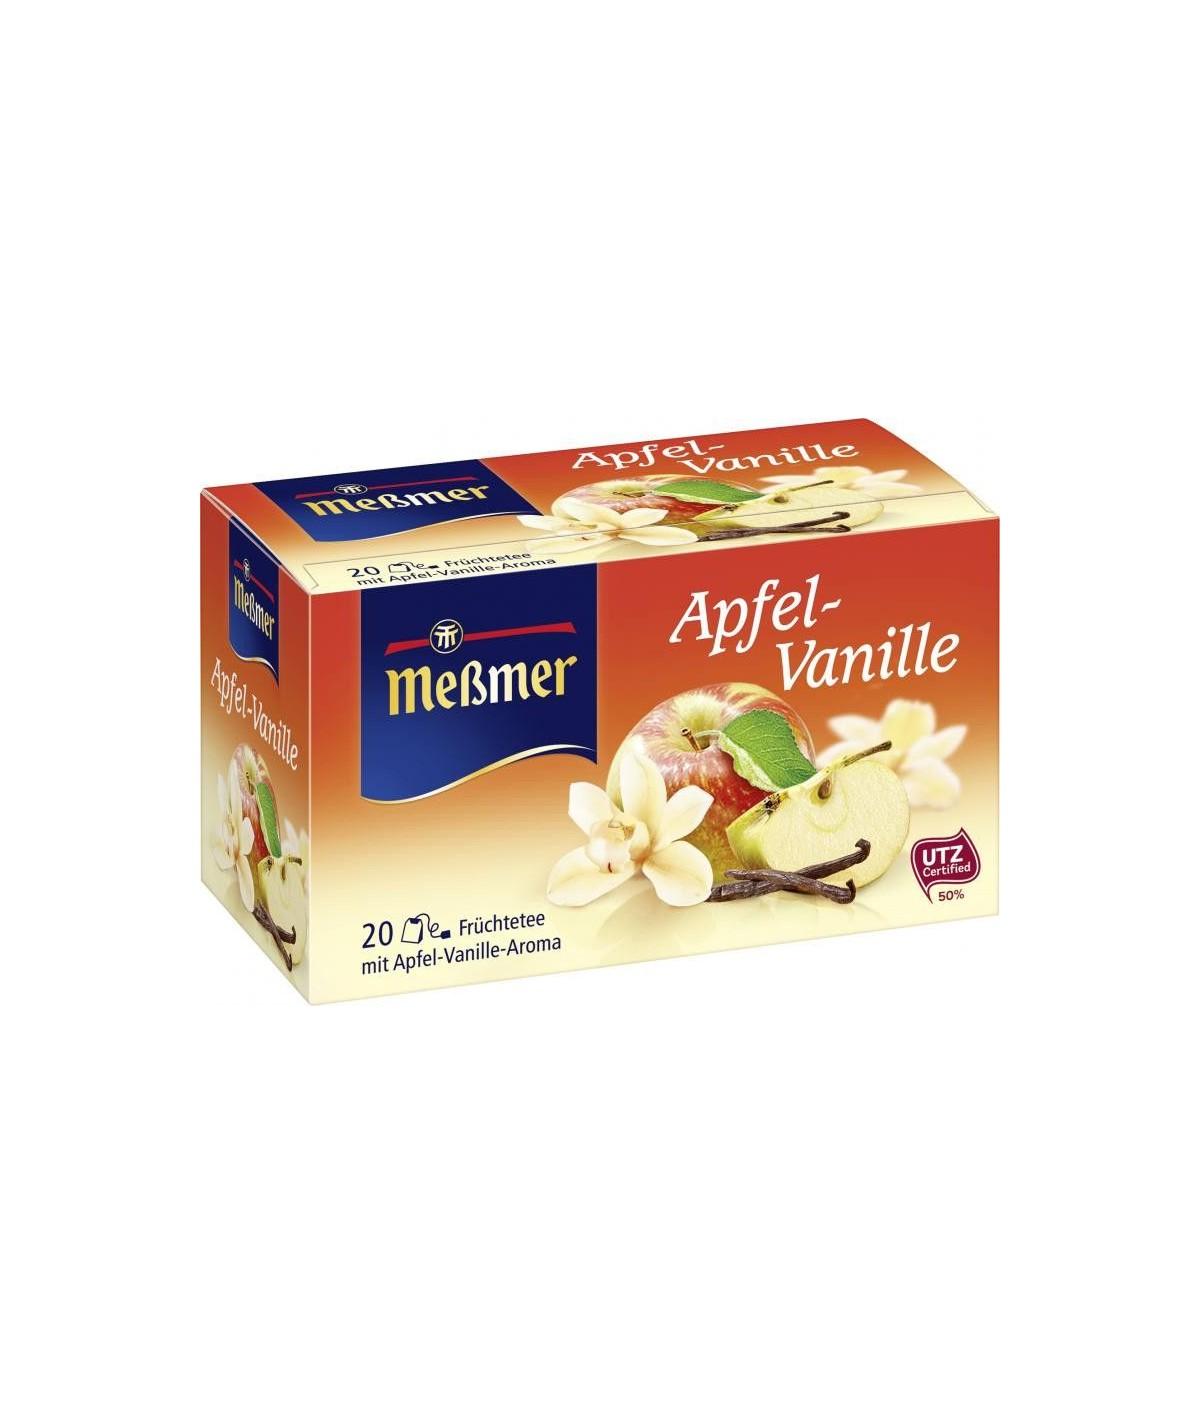 UTZ Früchtetee Apfel-Vanille Meßmer 55g